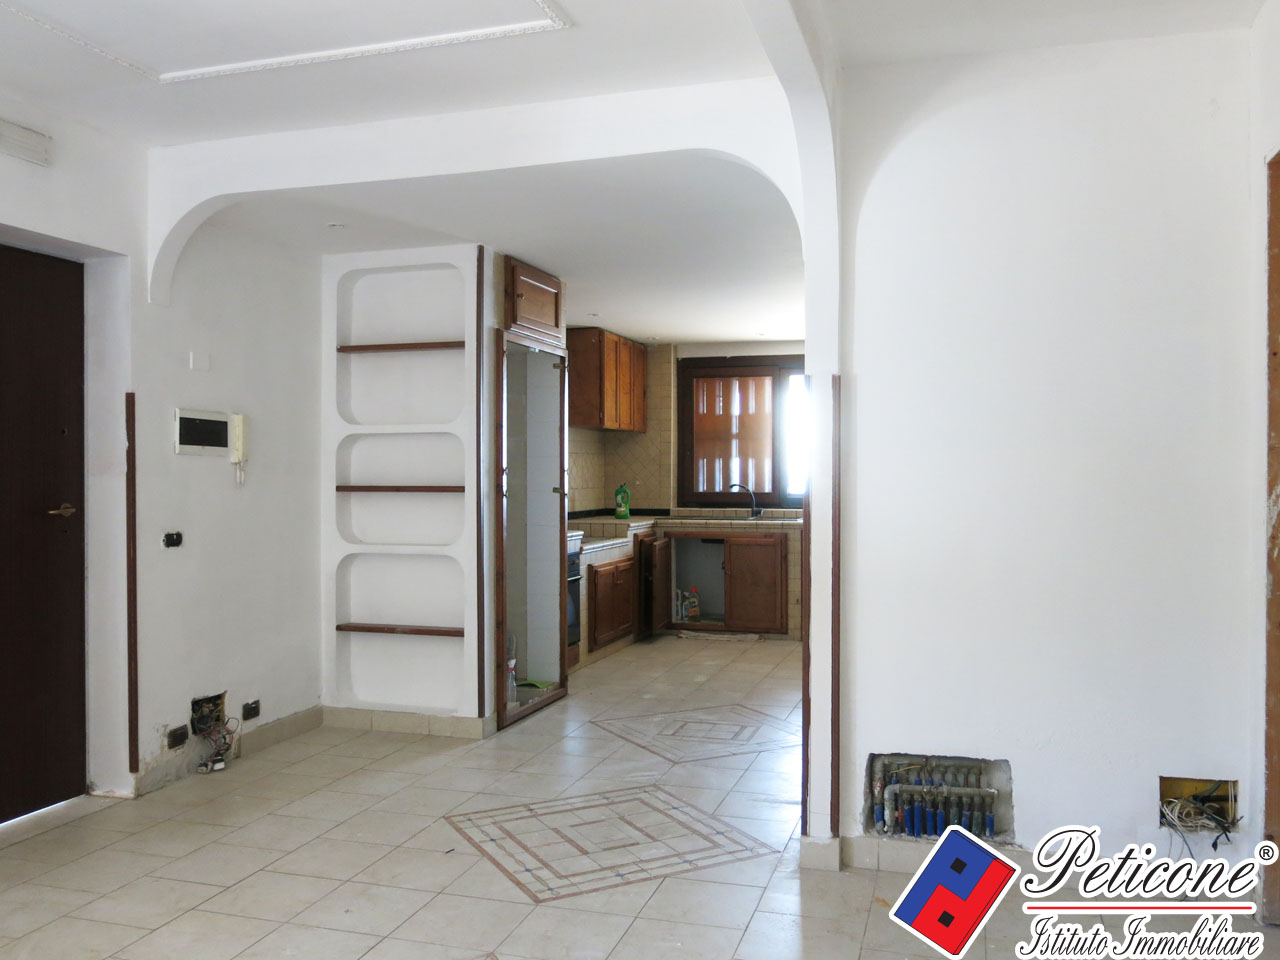 Villa in Vendita a Formia: 4 locali, 90 mq - Foto 25